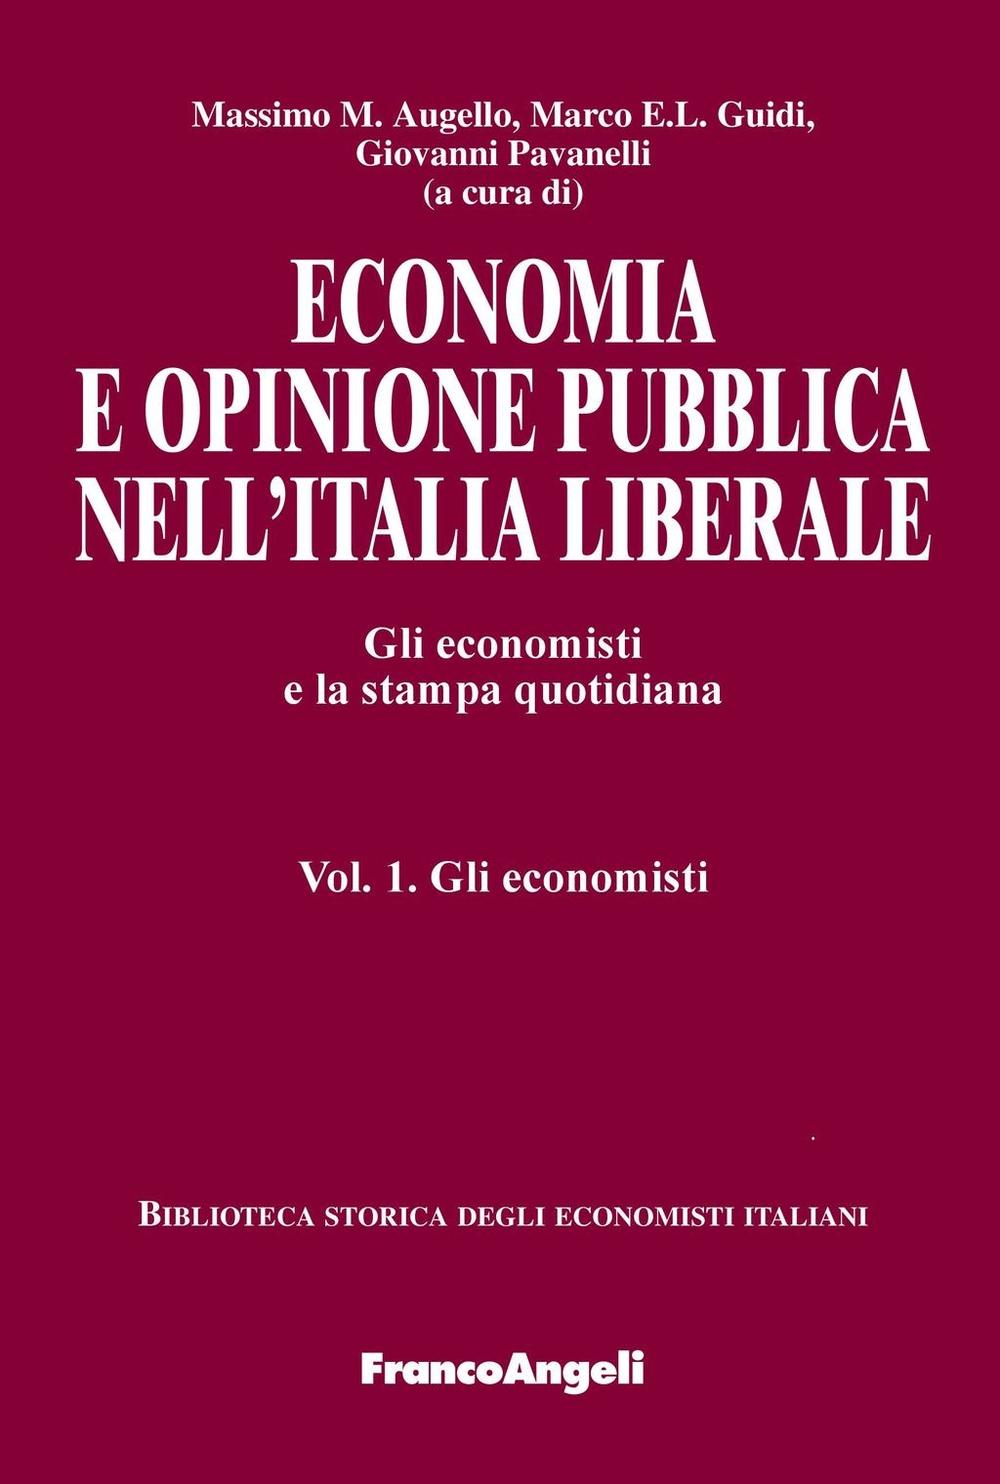 Economia e opinione pubblica nell'Italia liberale: gli economisti e la stampa quotidiana. Massimo M. Augello, Marco E. L. Guidi, Giovanni Pavanelli (a cura di)